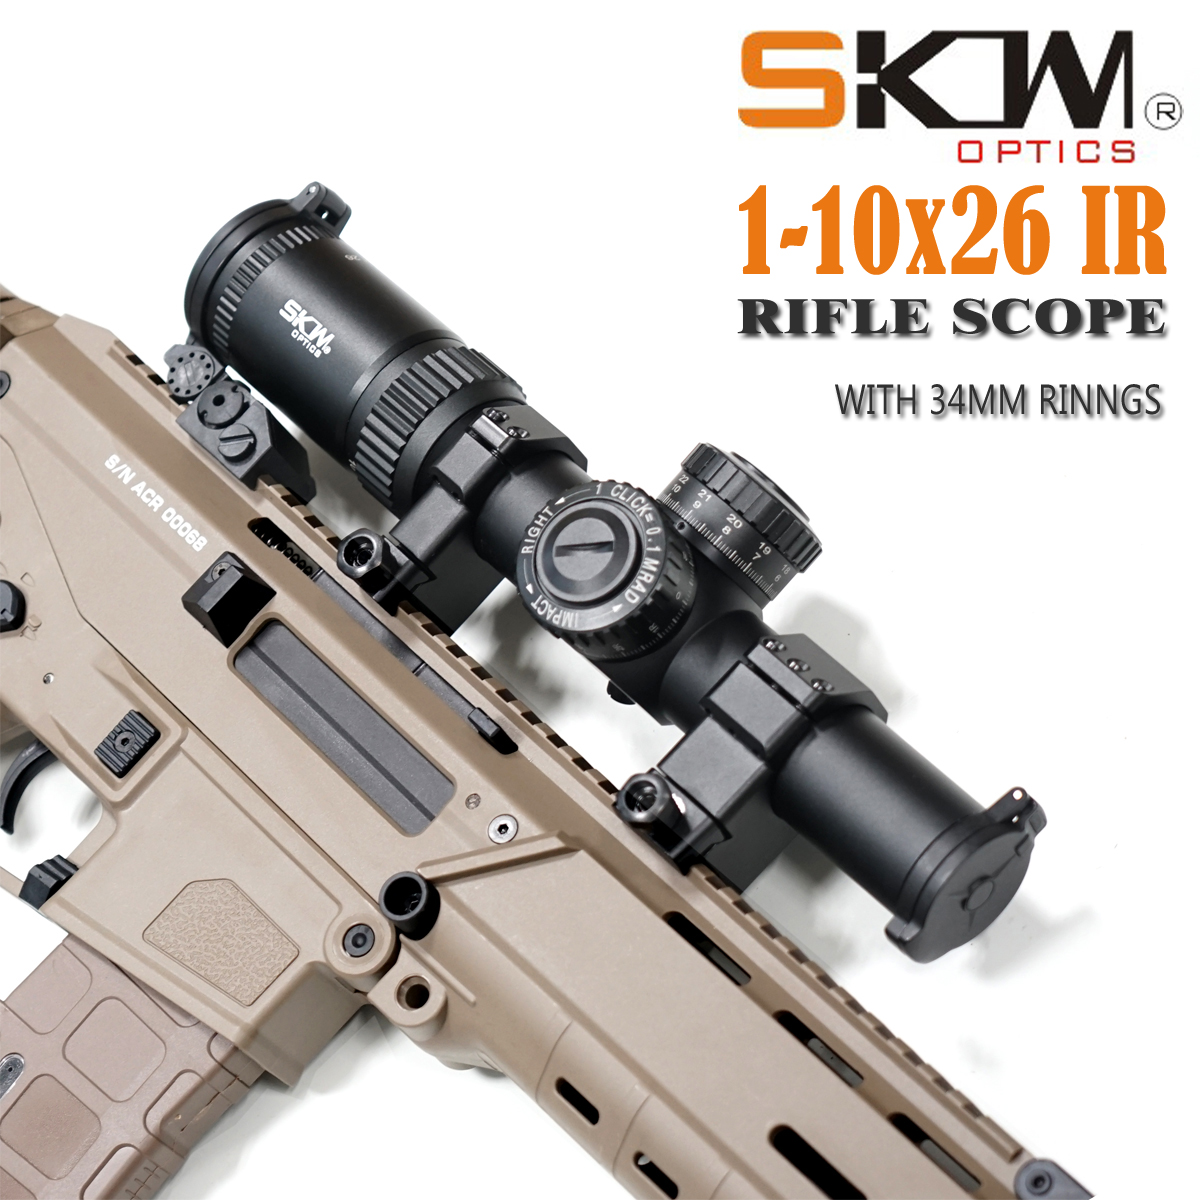 SKWoptics polowanie 1-10x26 34mm lunety celownicze z 34mm pierścieniami CNC taktyczna wojskowa siatka celownicza odporna na wstrząsy